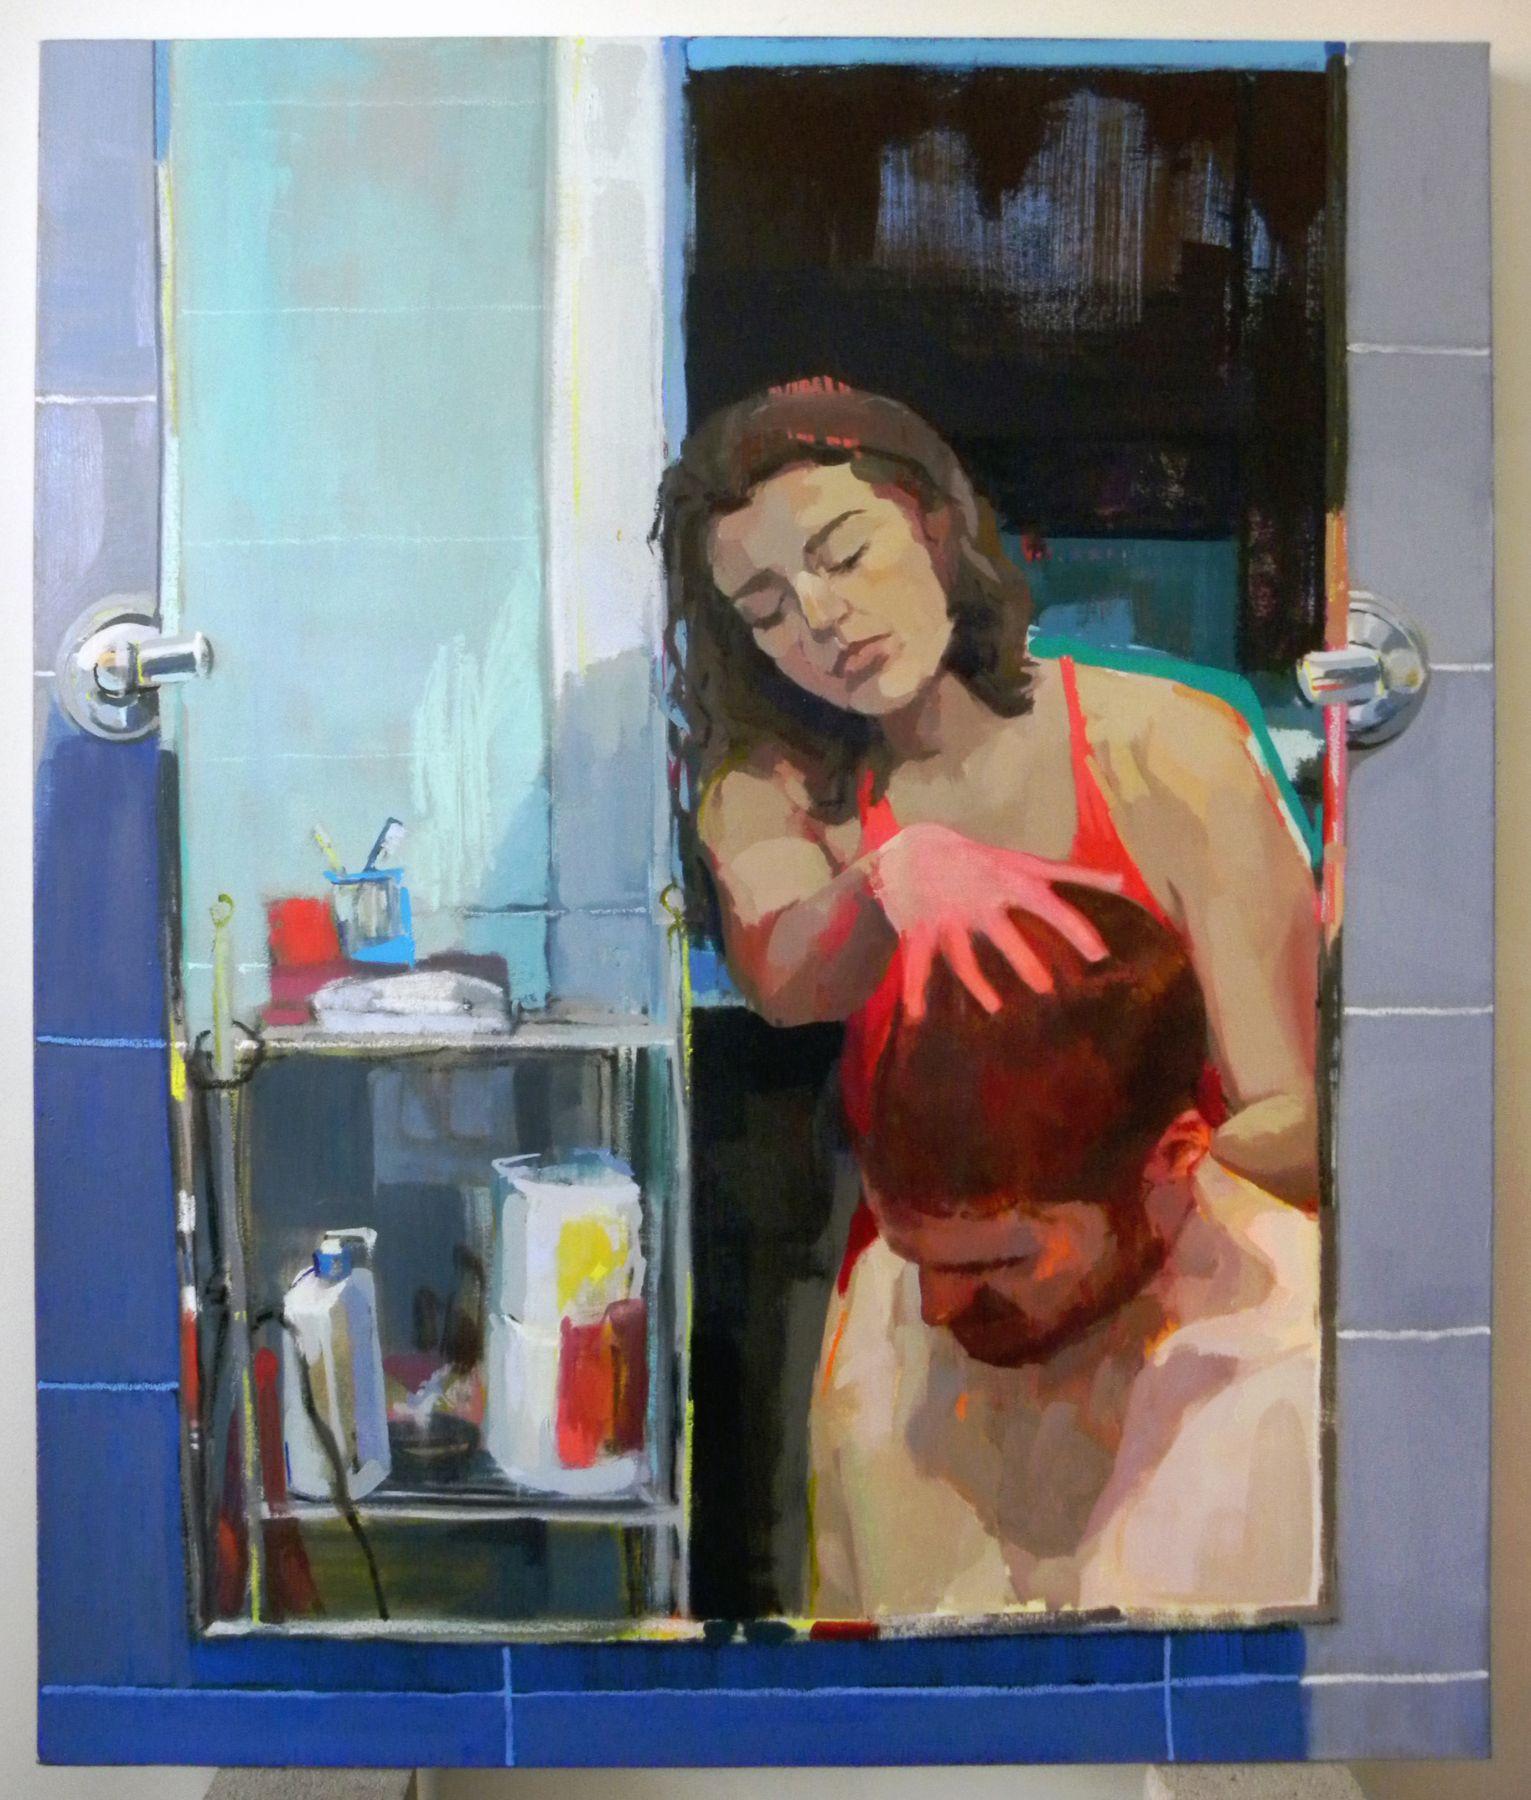 Rachel Rickert, The Haircut (III), 2018